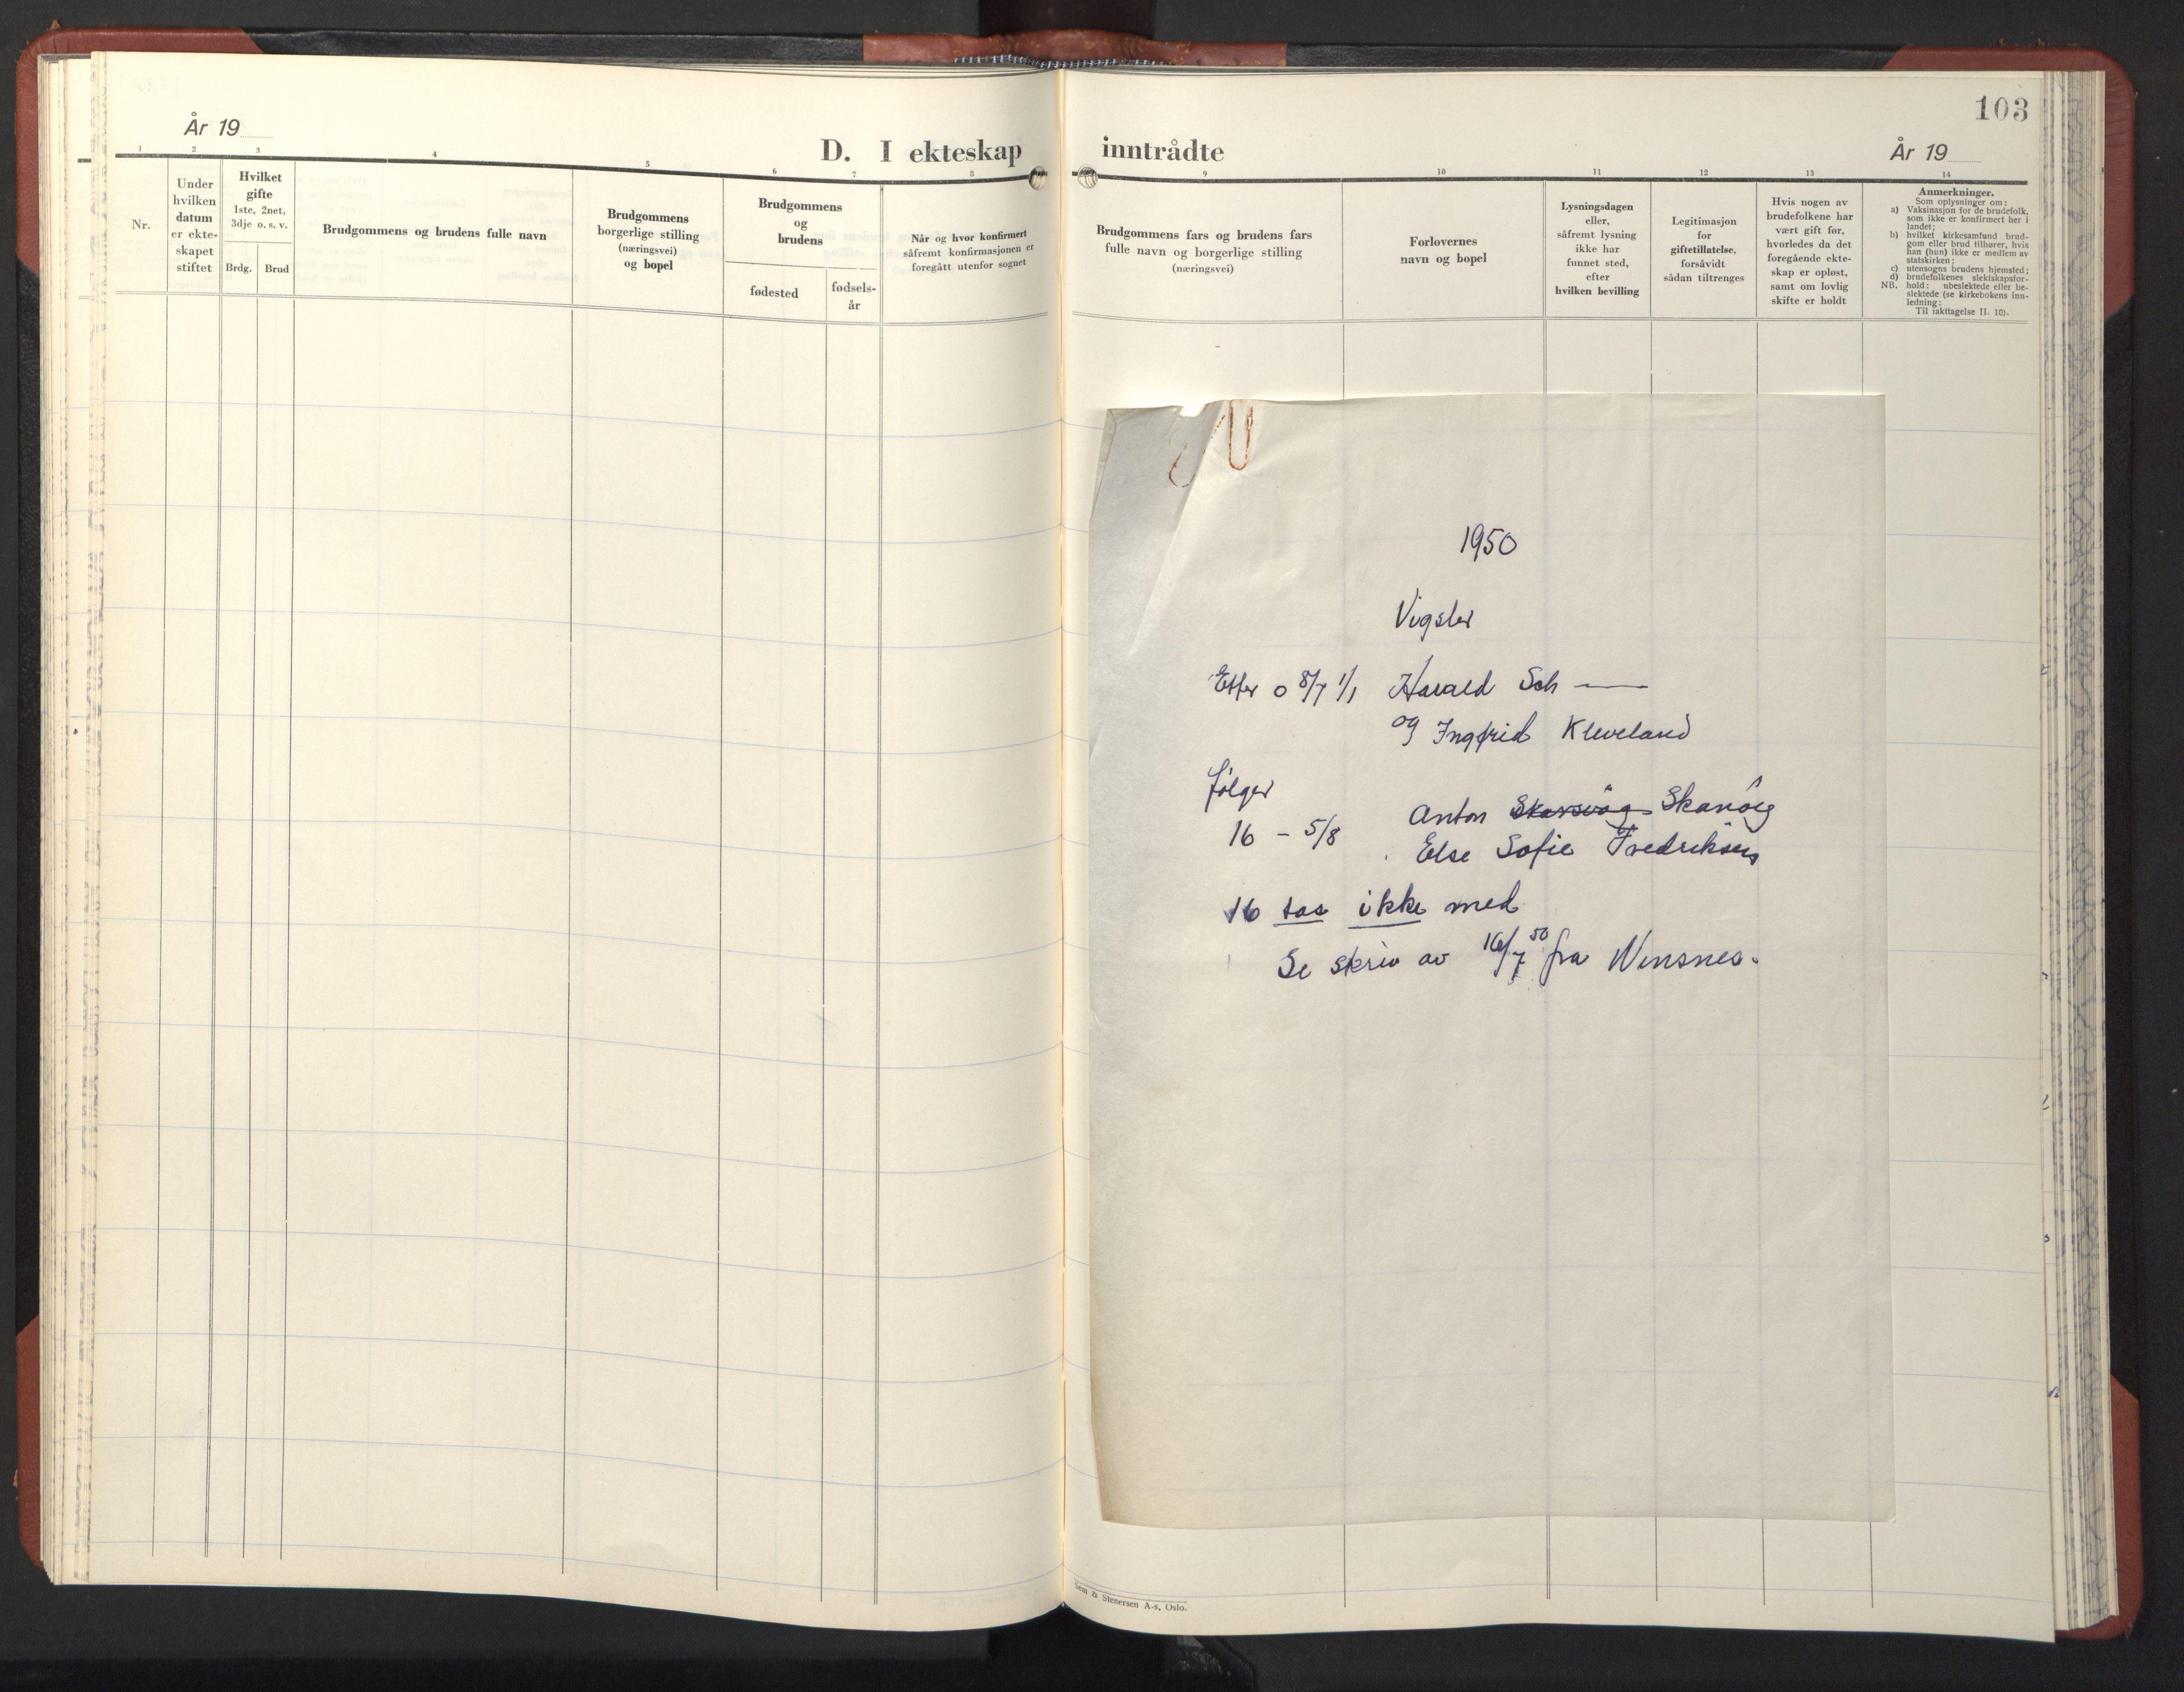 SAT, Ministerialprotokoller, klokkerbøker og fødselsregistre - Sør-Trøndelag, 611/L0359: Klokkerbok nr. 611C07, 1947-1950, s. 103